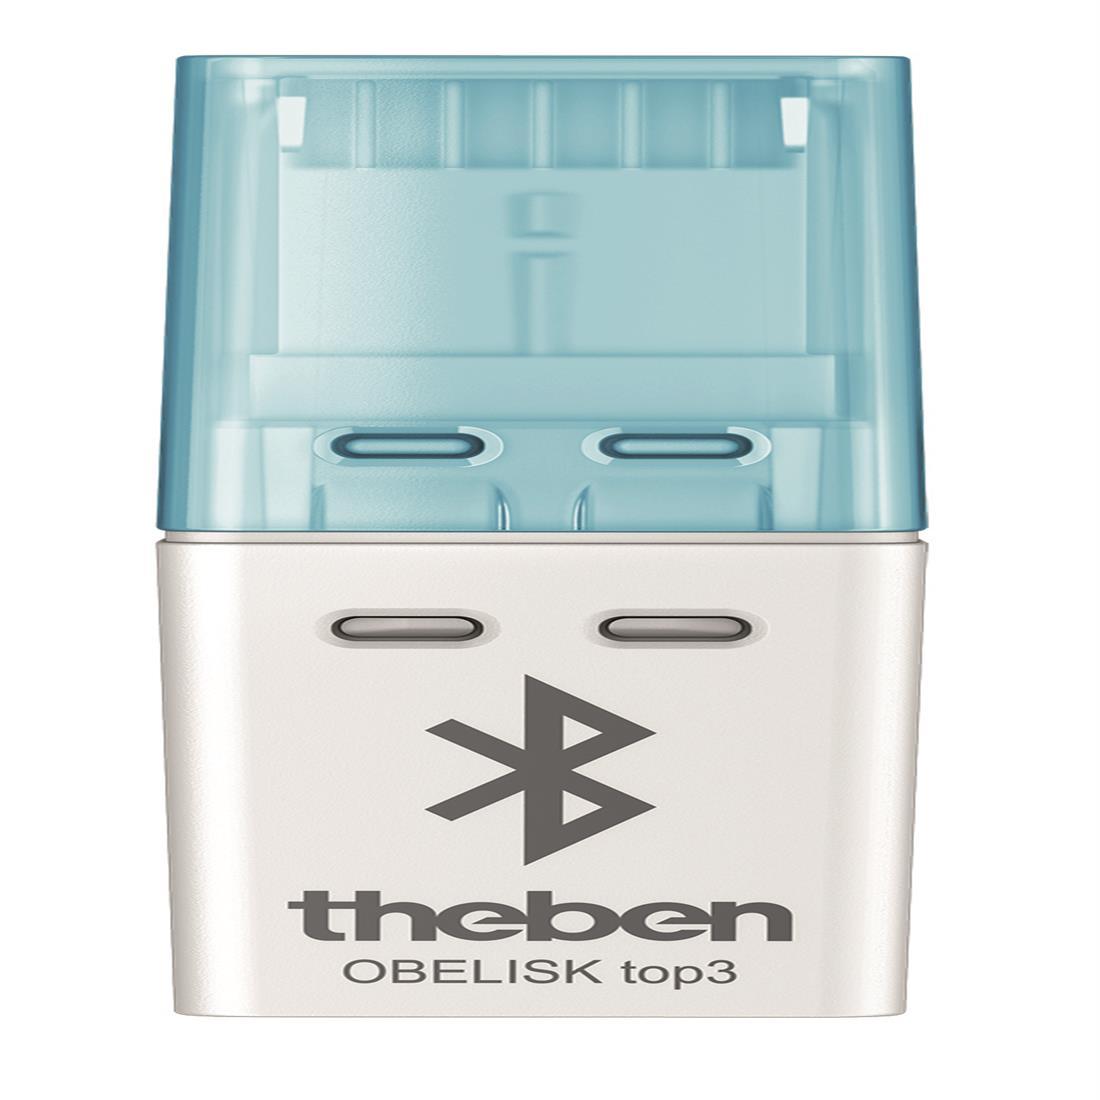 Theben bluetooth dongle voor digitale schakelklok (9070130)